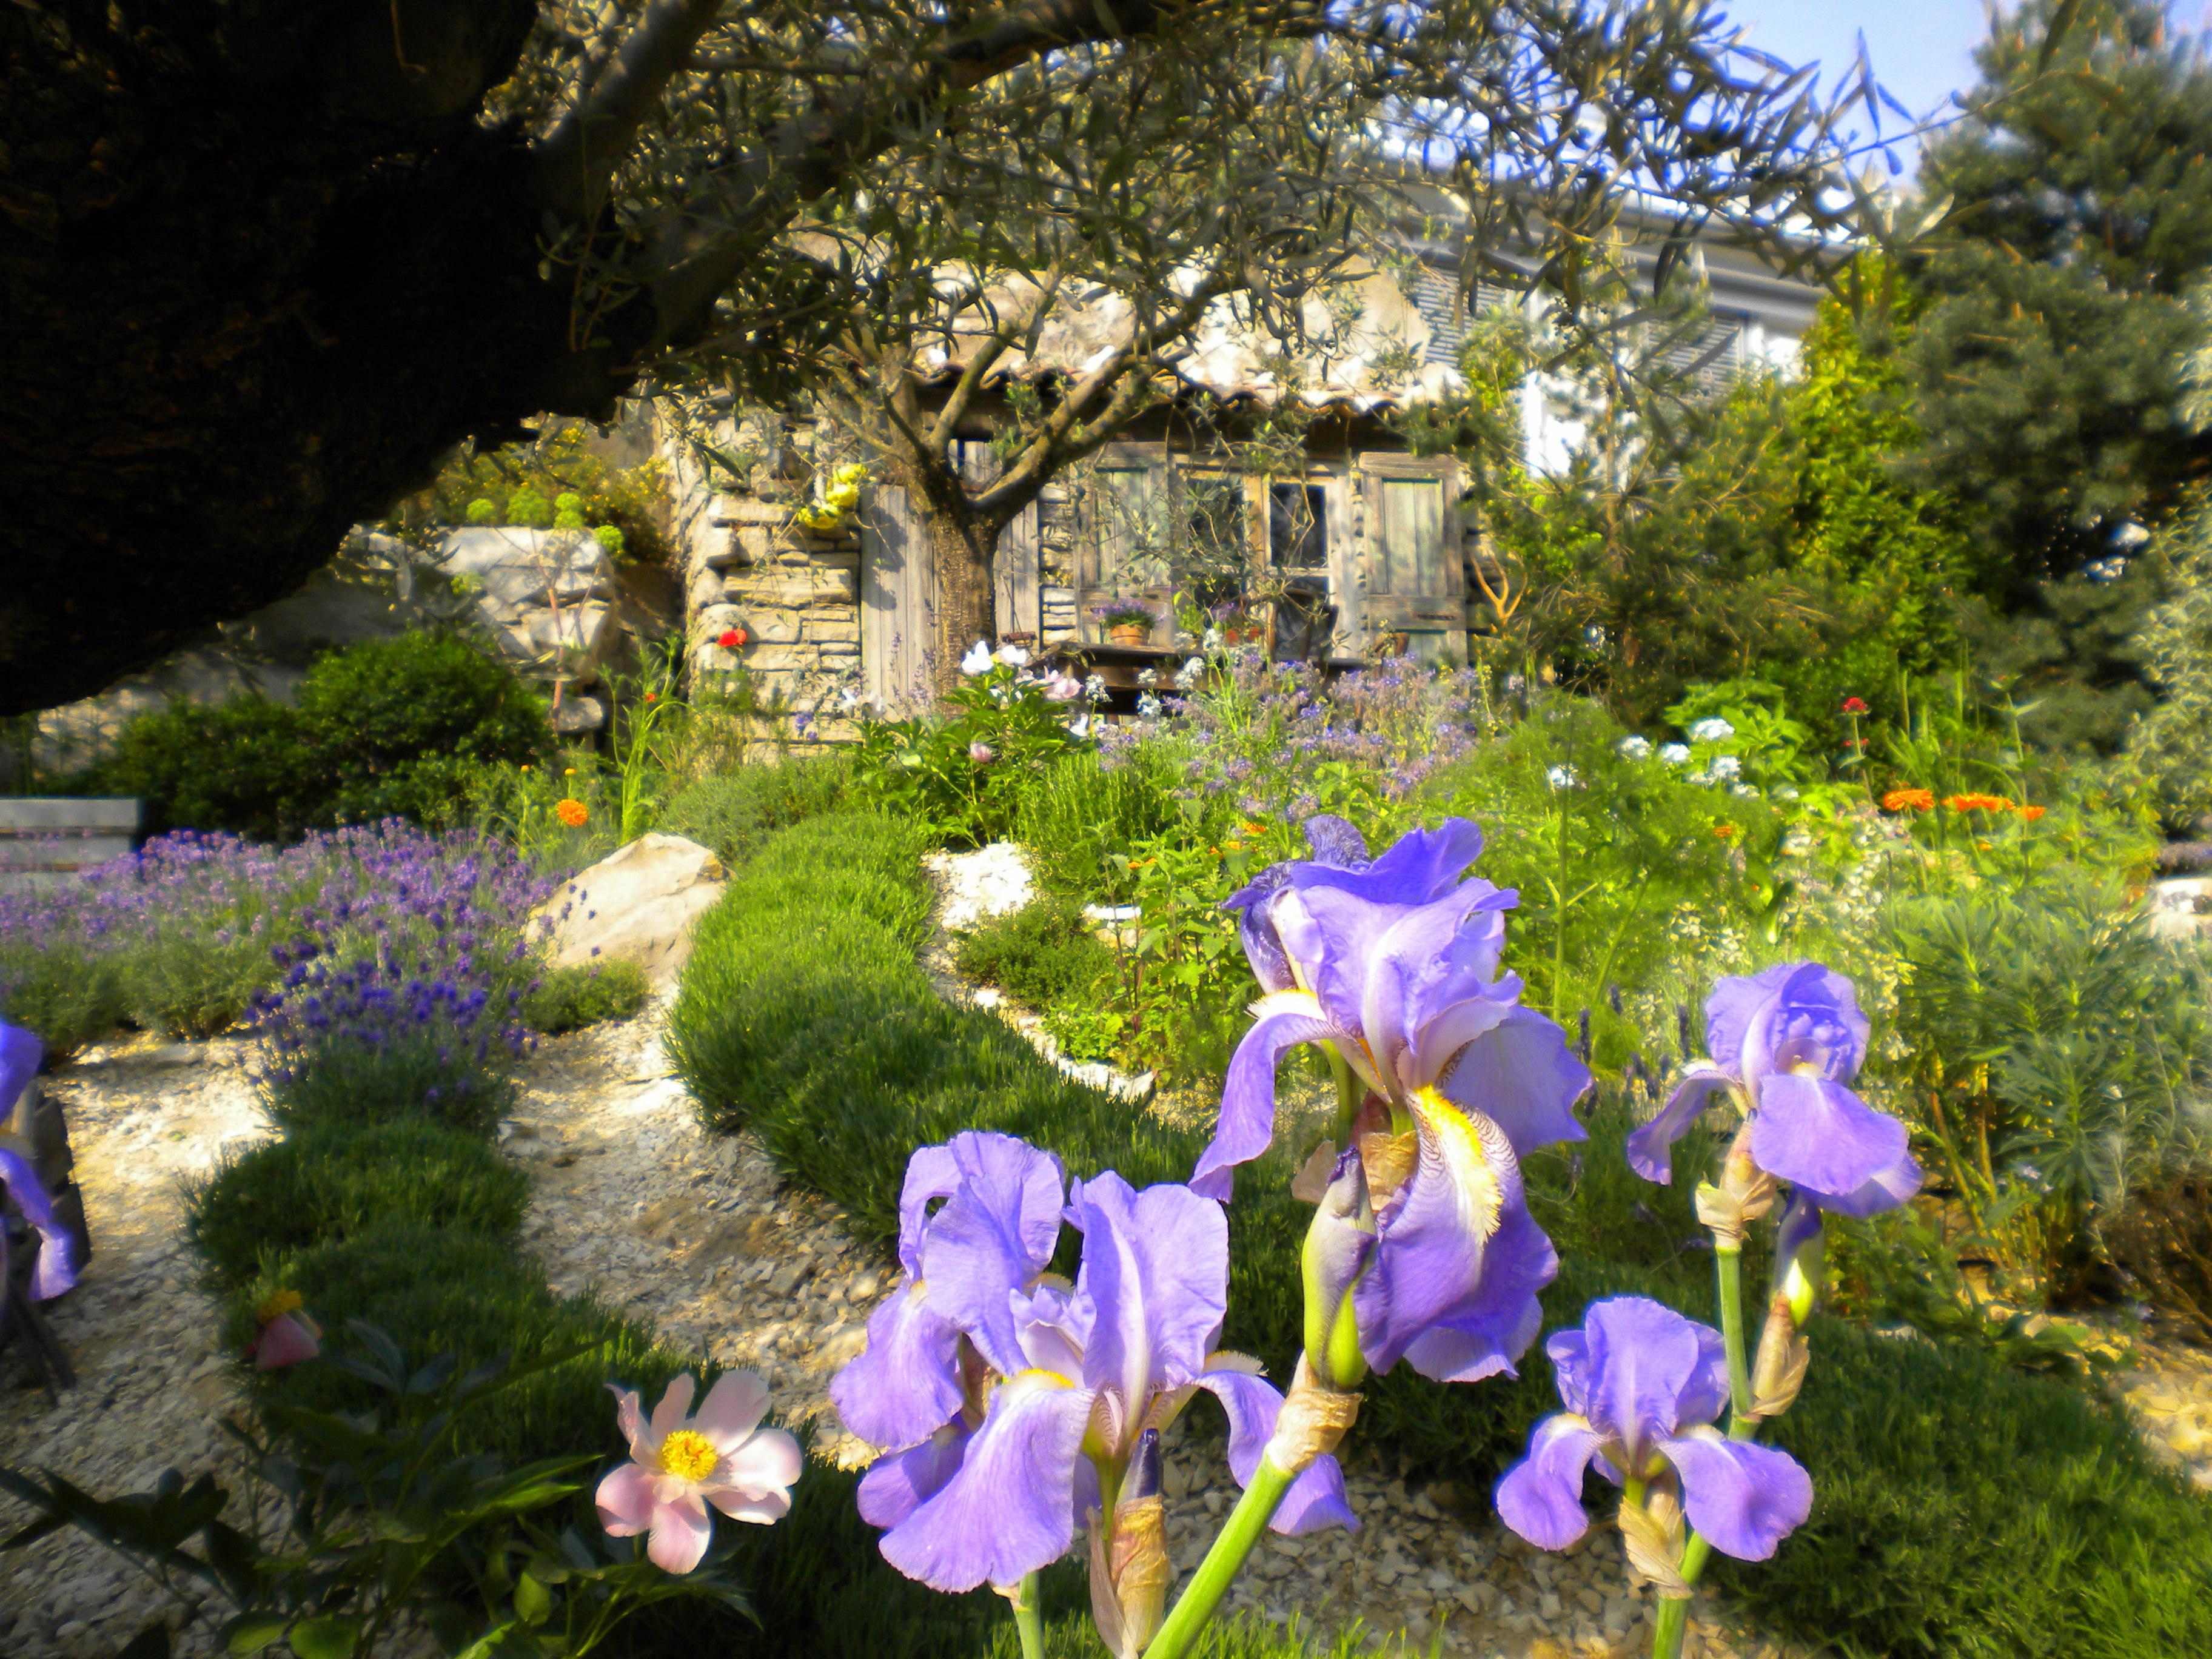 Jardin japonais le paysagiste for Paysagiste jardin japonais